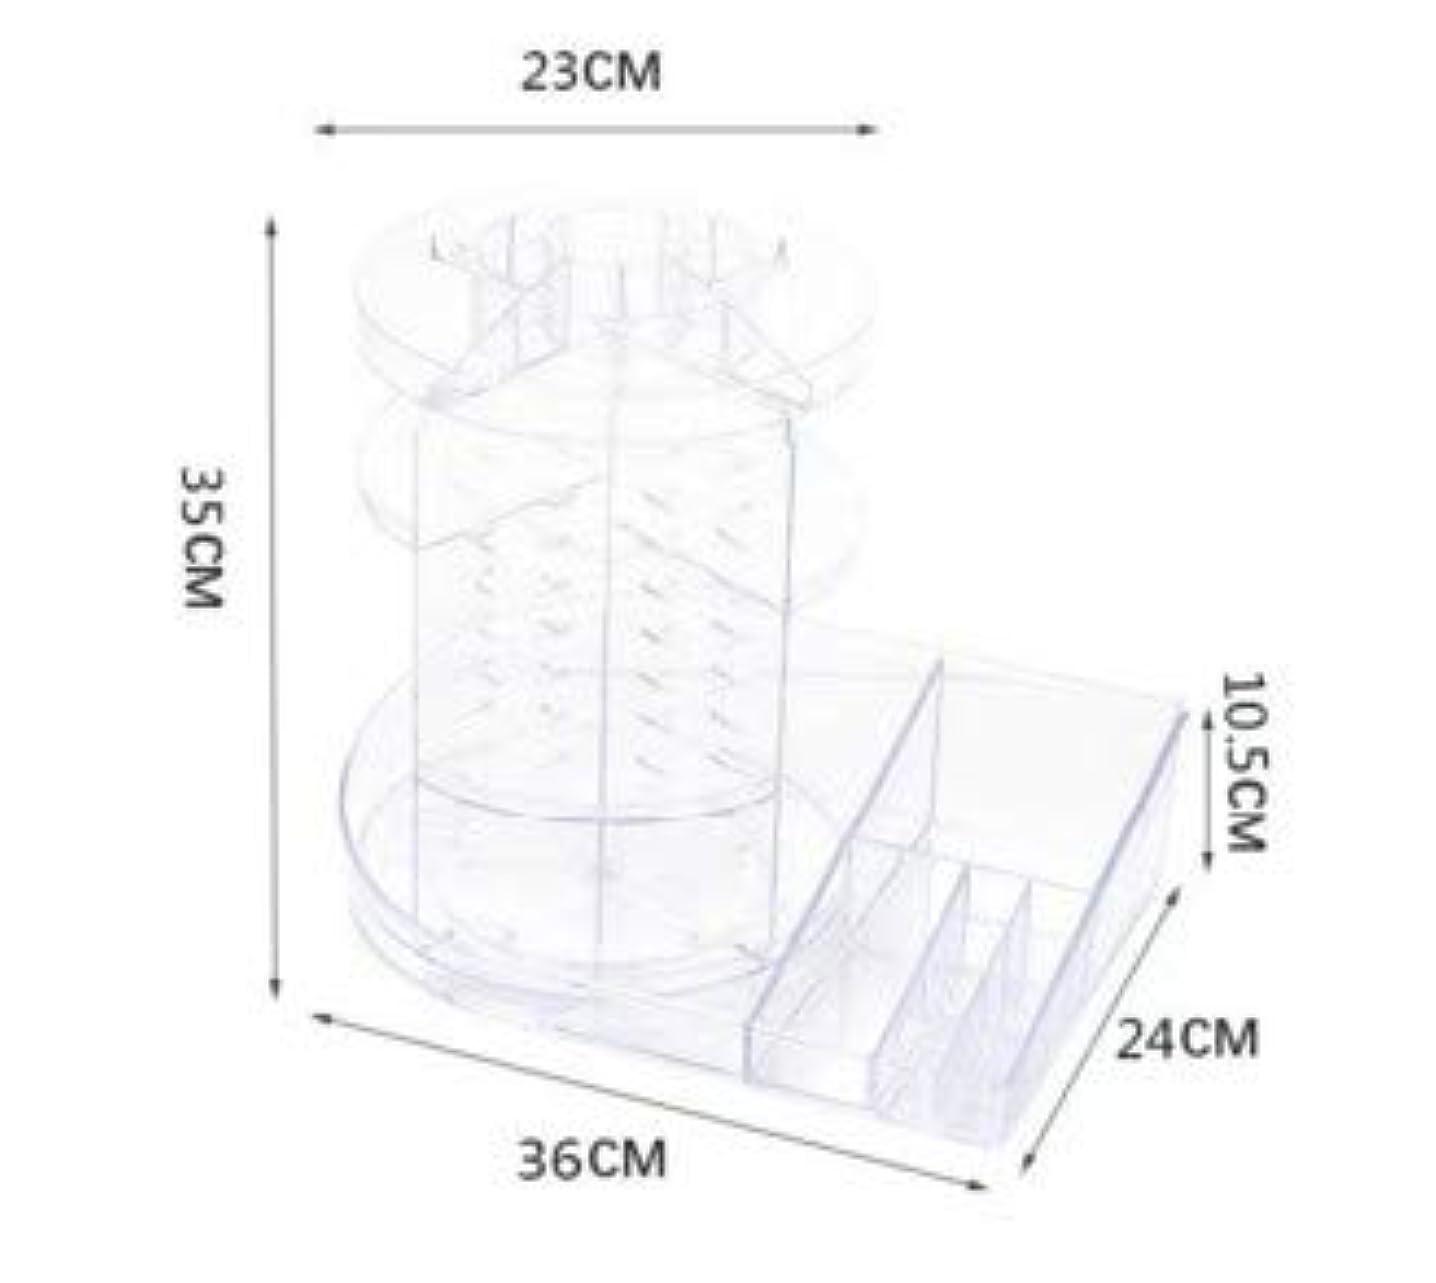 忙しい東写真を描く化粧品収納ボックス透明回転テーブル化粧台スキンケア製品口紅ラック仕上げボックス (Color : ホワイト)